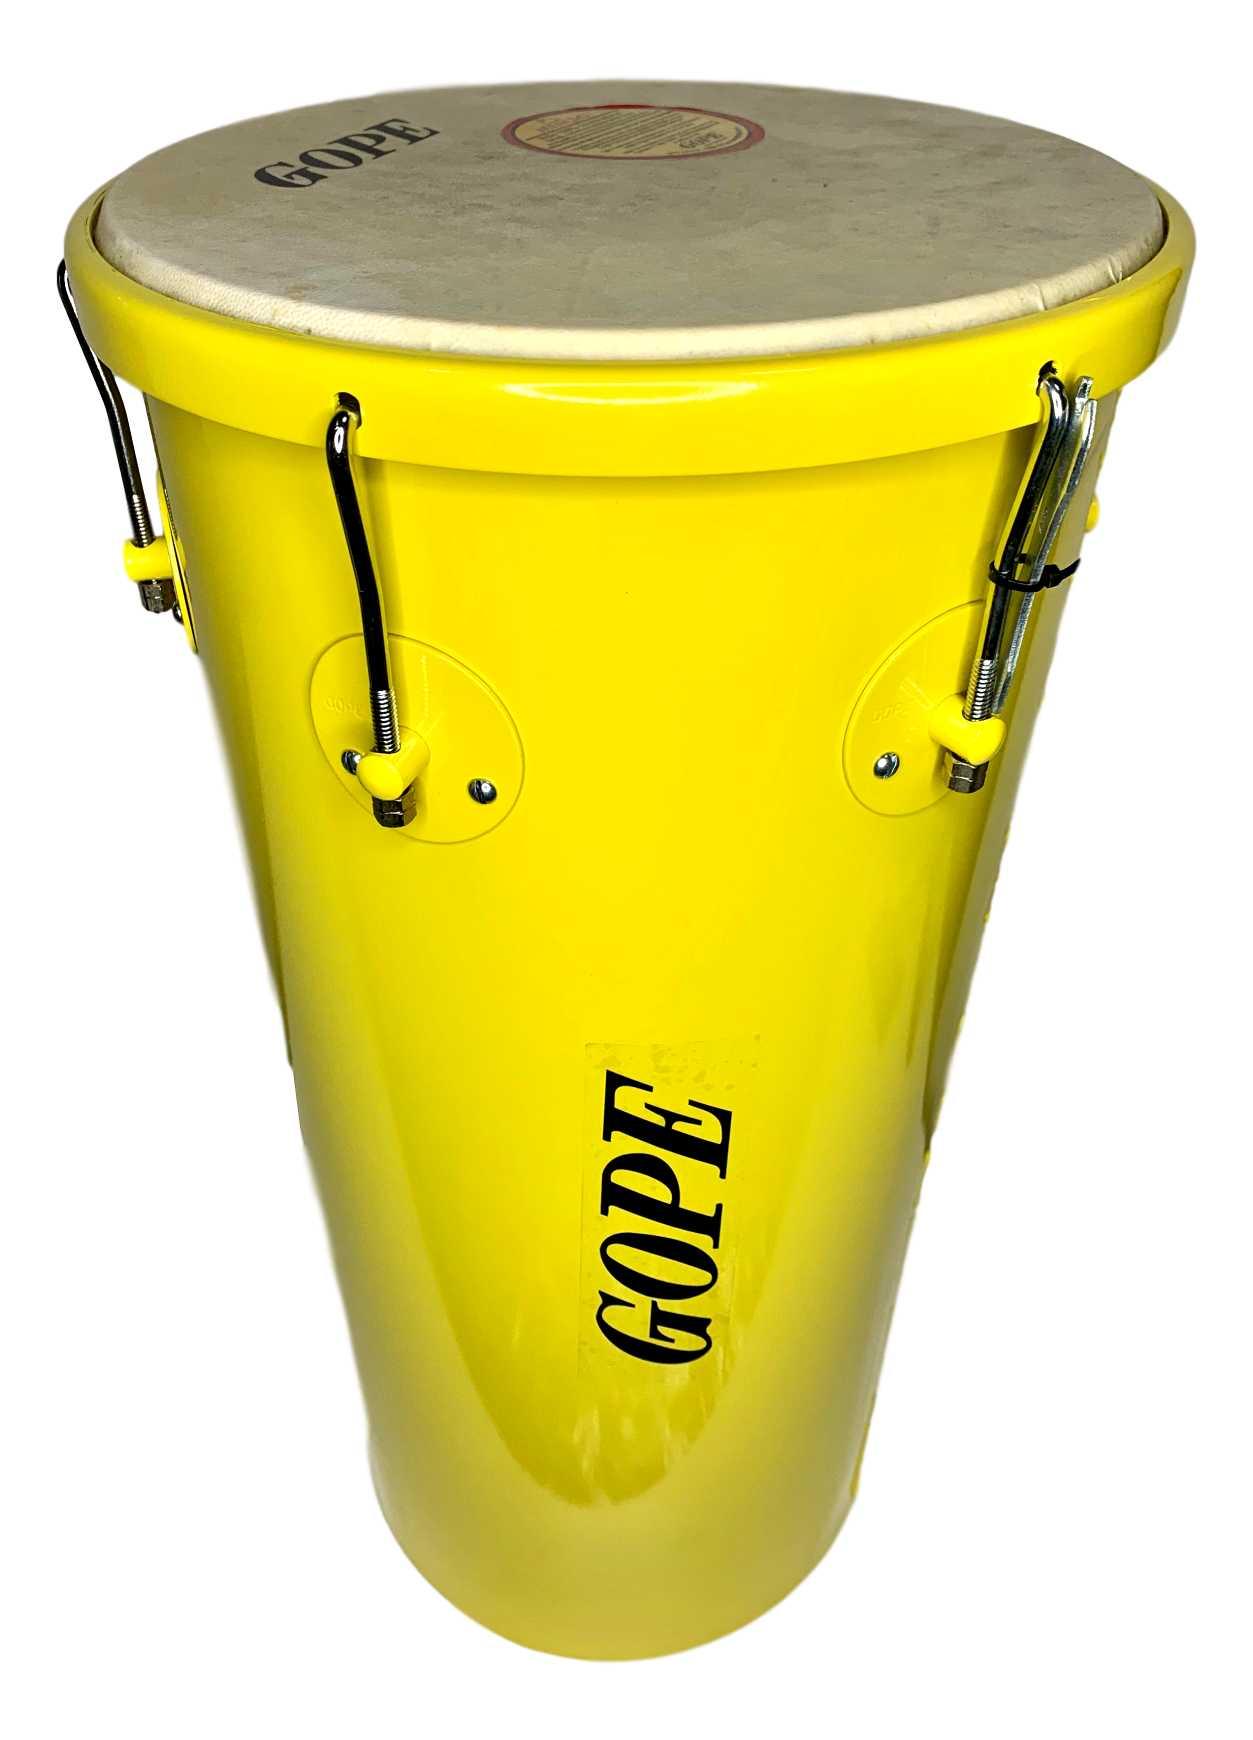 Rebolo Gope Conico 11 pol 55 cm Amarelo